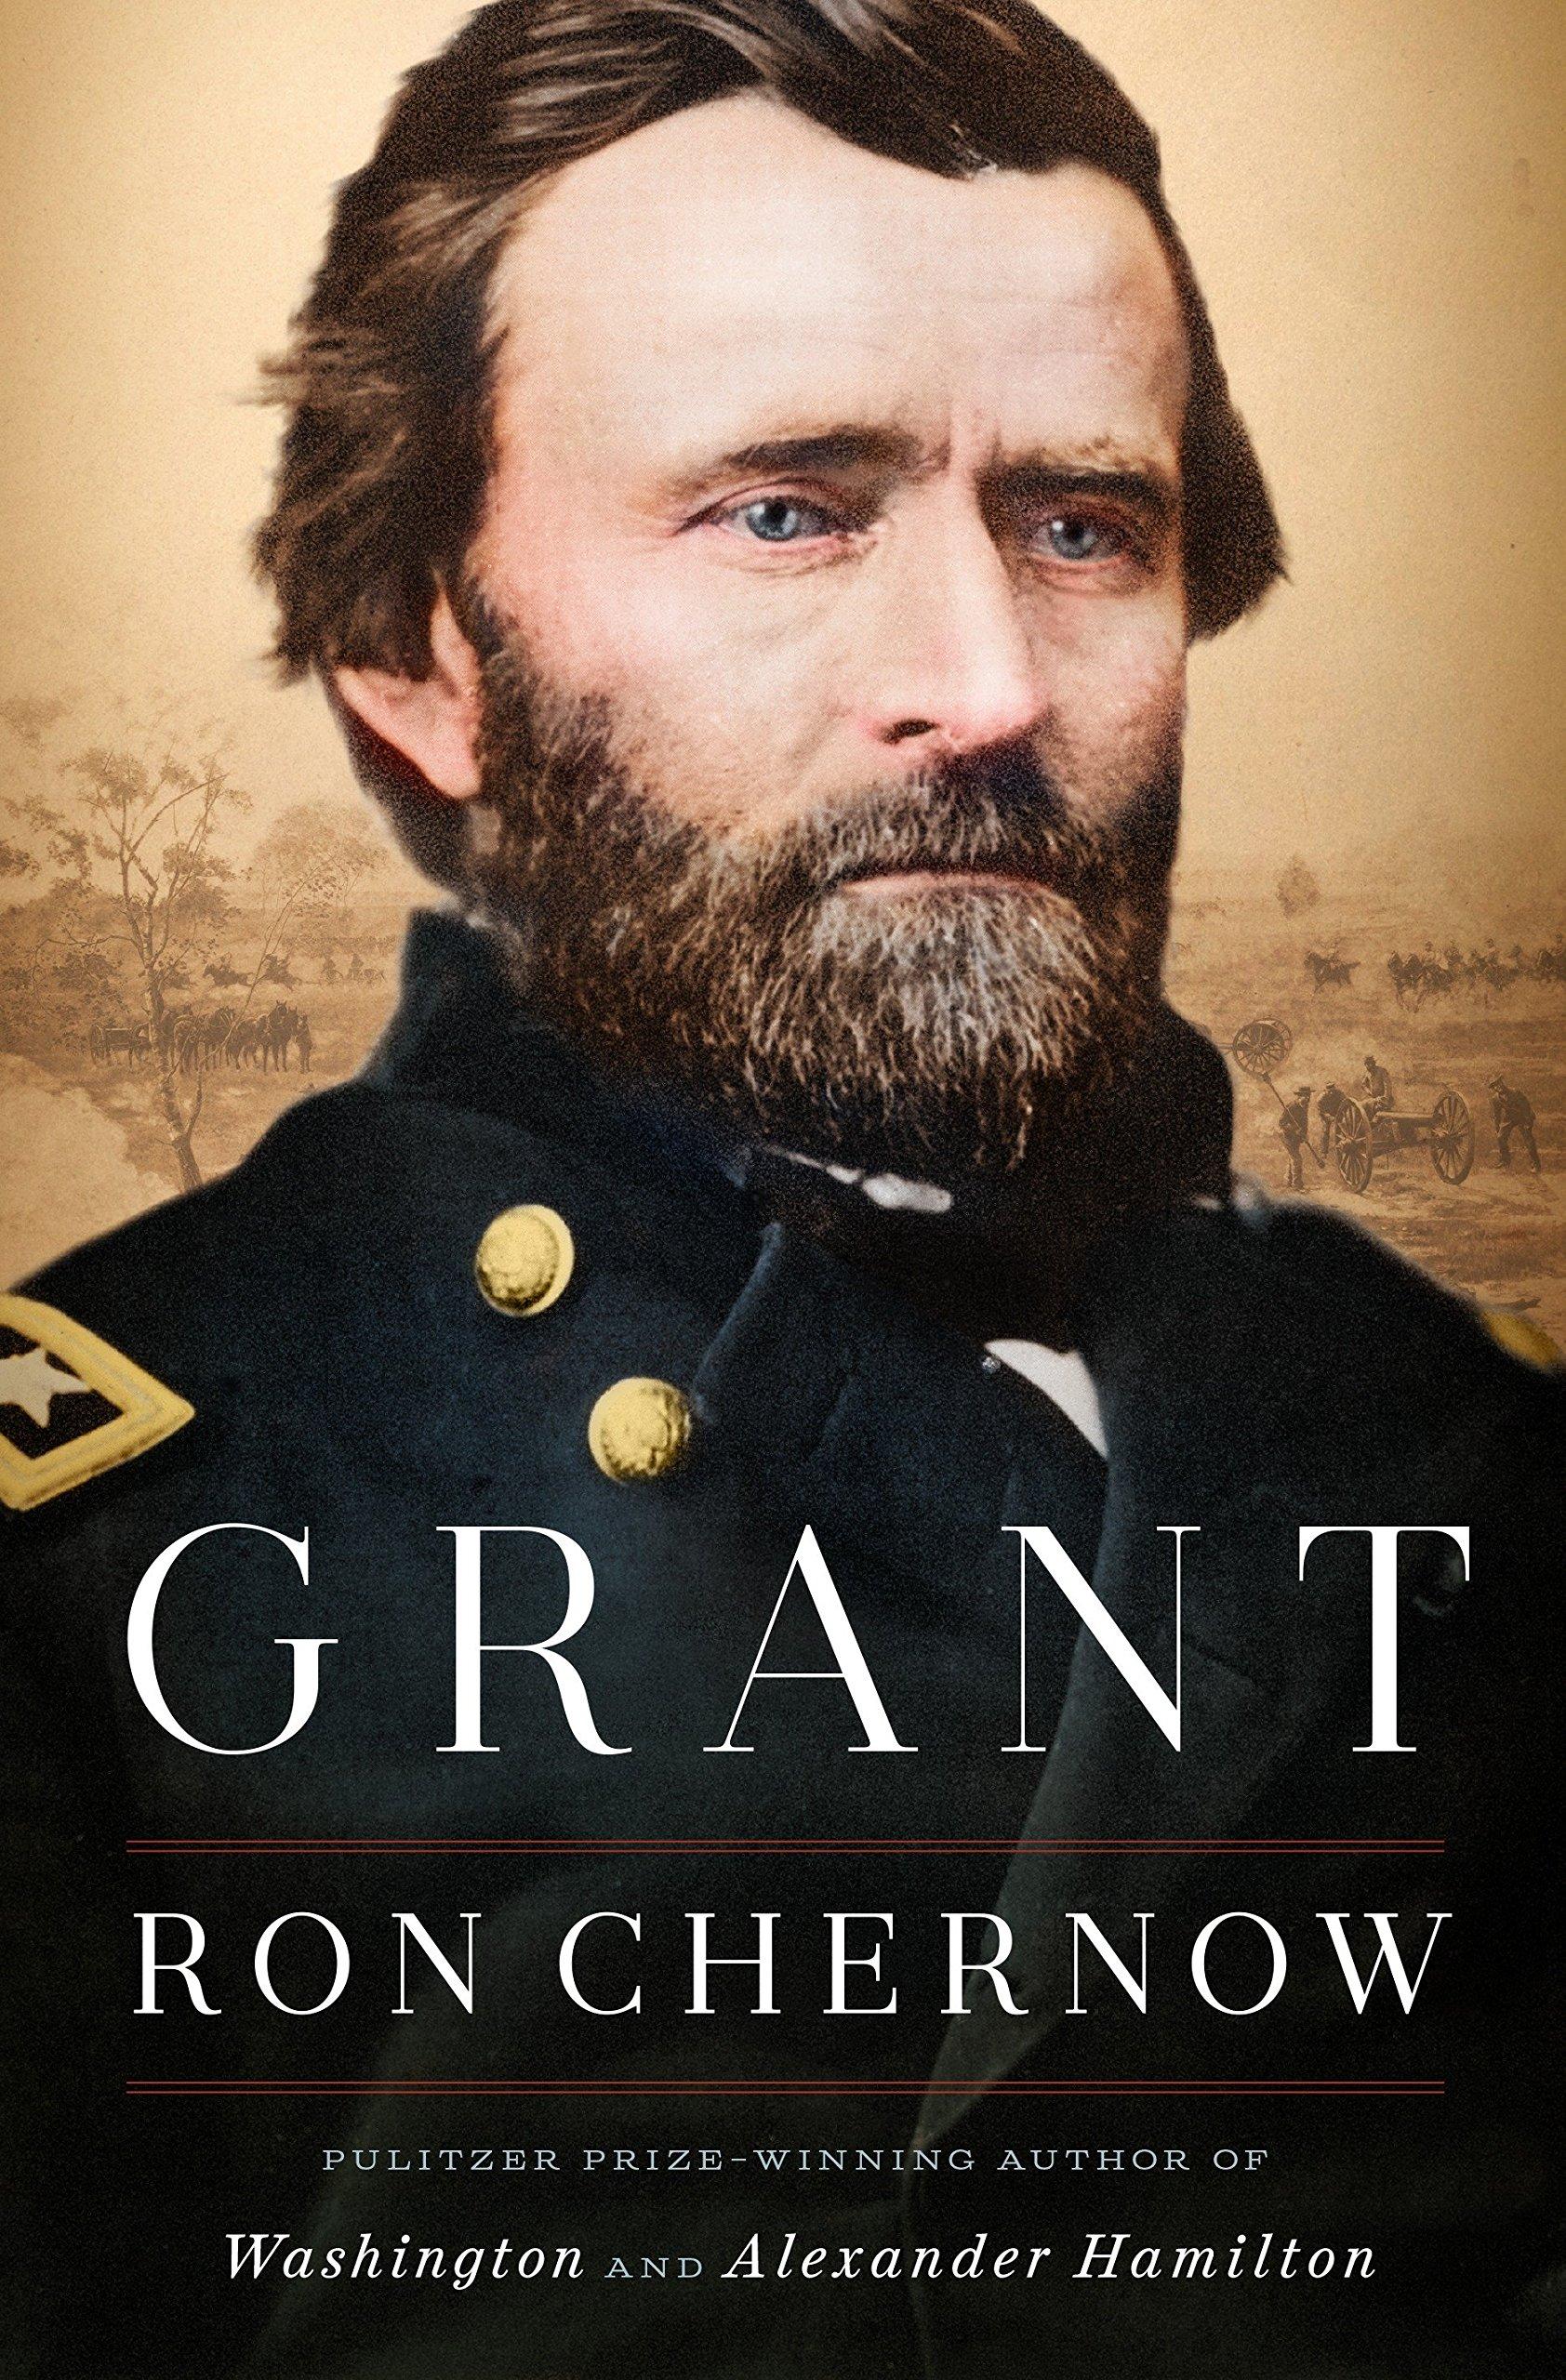 Ron Chernow - Grant